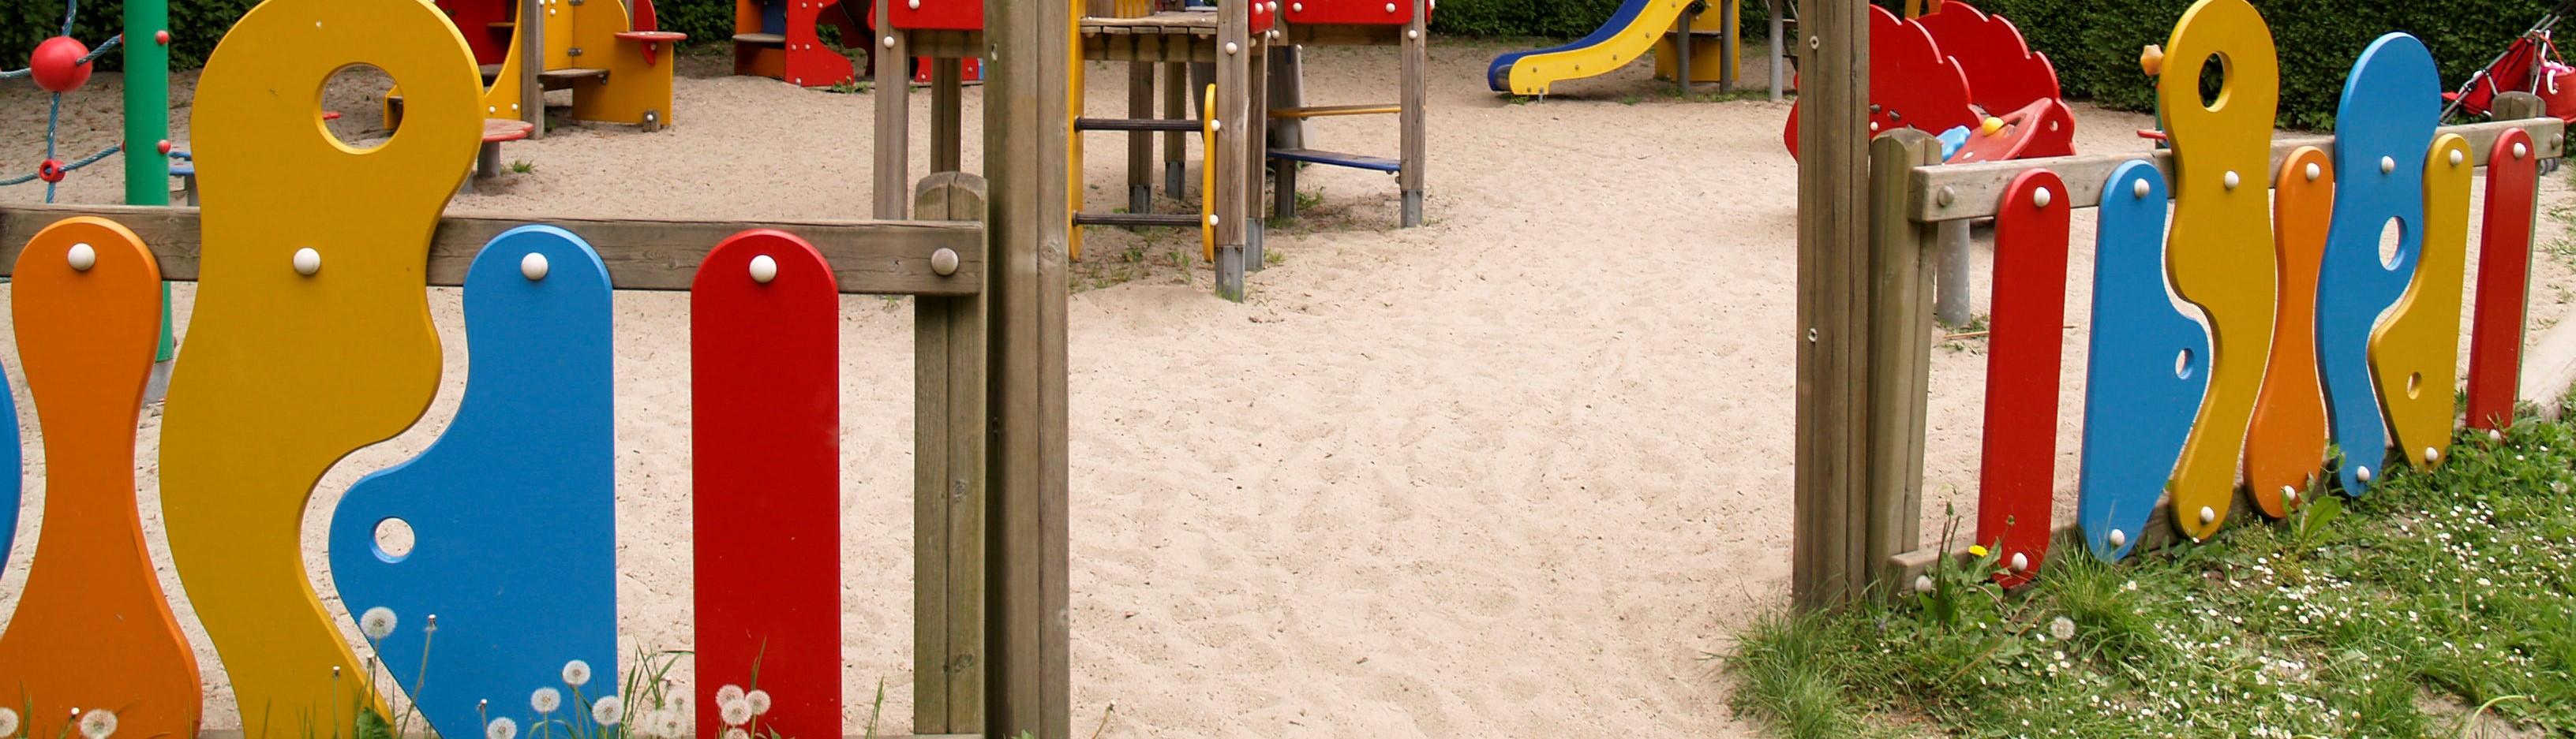 Bilde av lekegring foran lekeplass